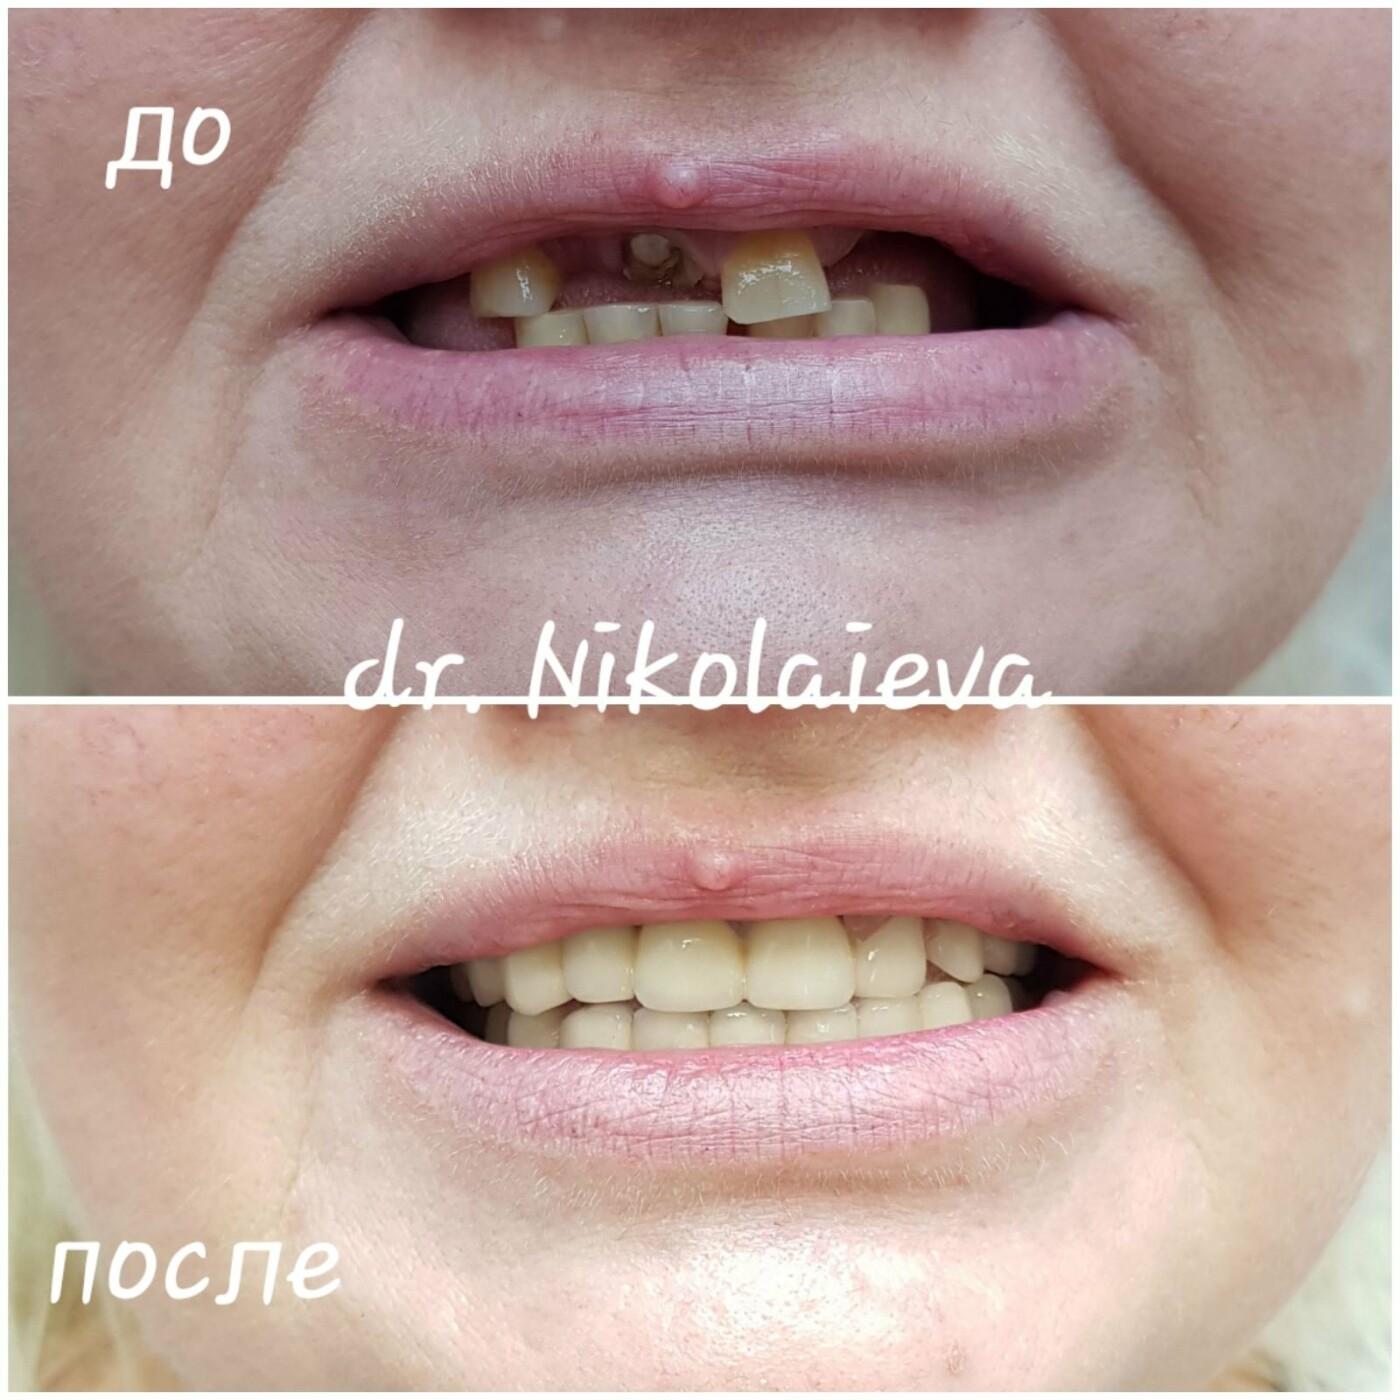 Стоматологии Днепра, где найти лучших специалистов и цены на услуги, фото-5